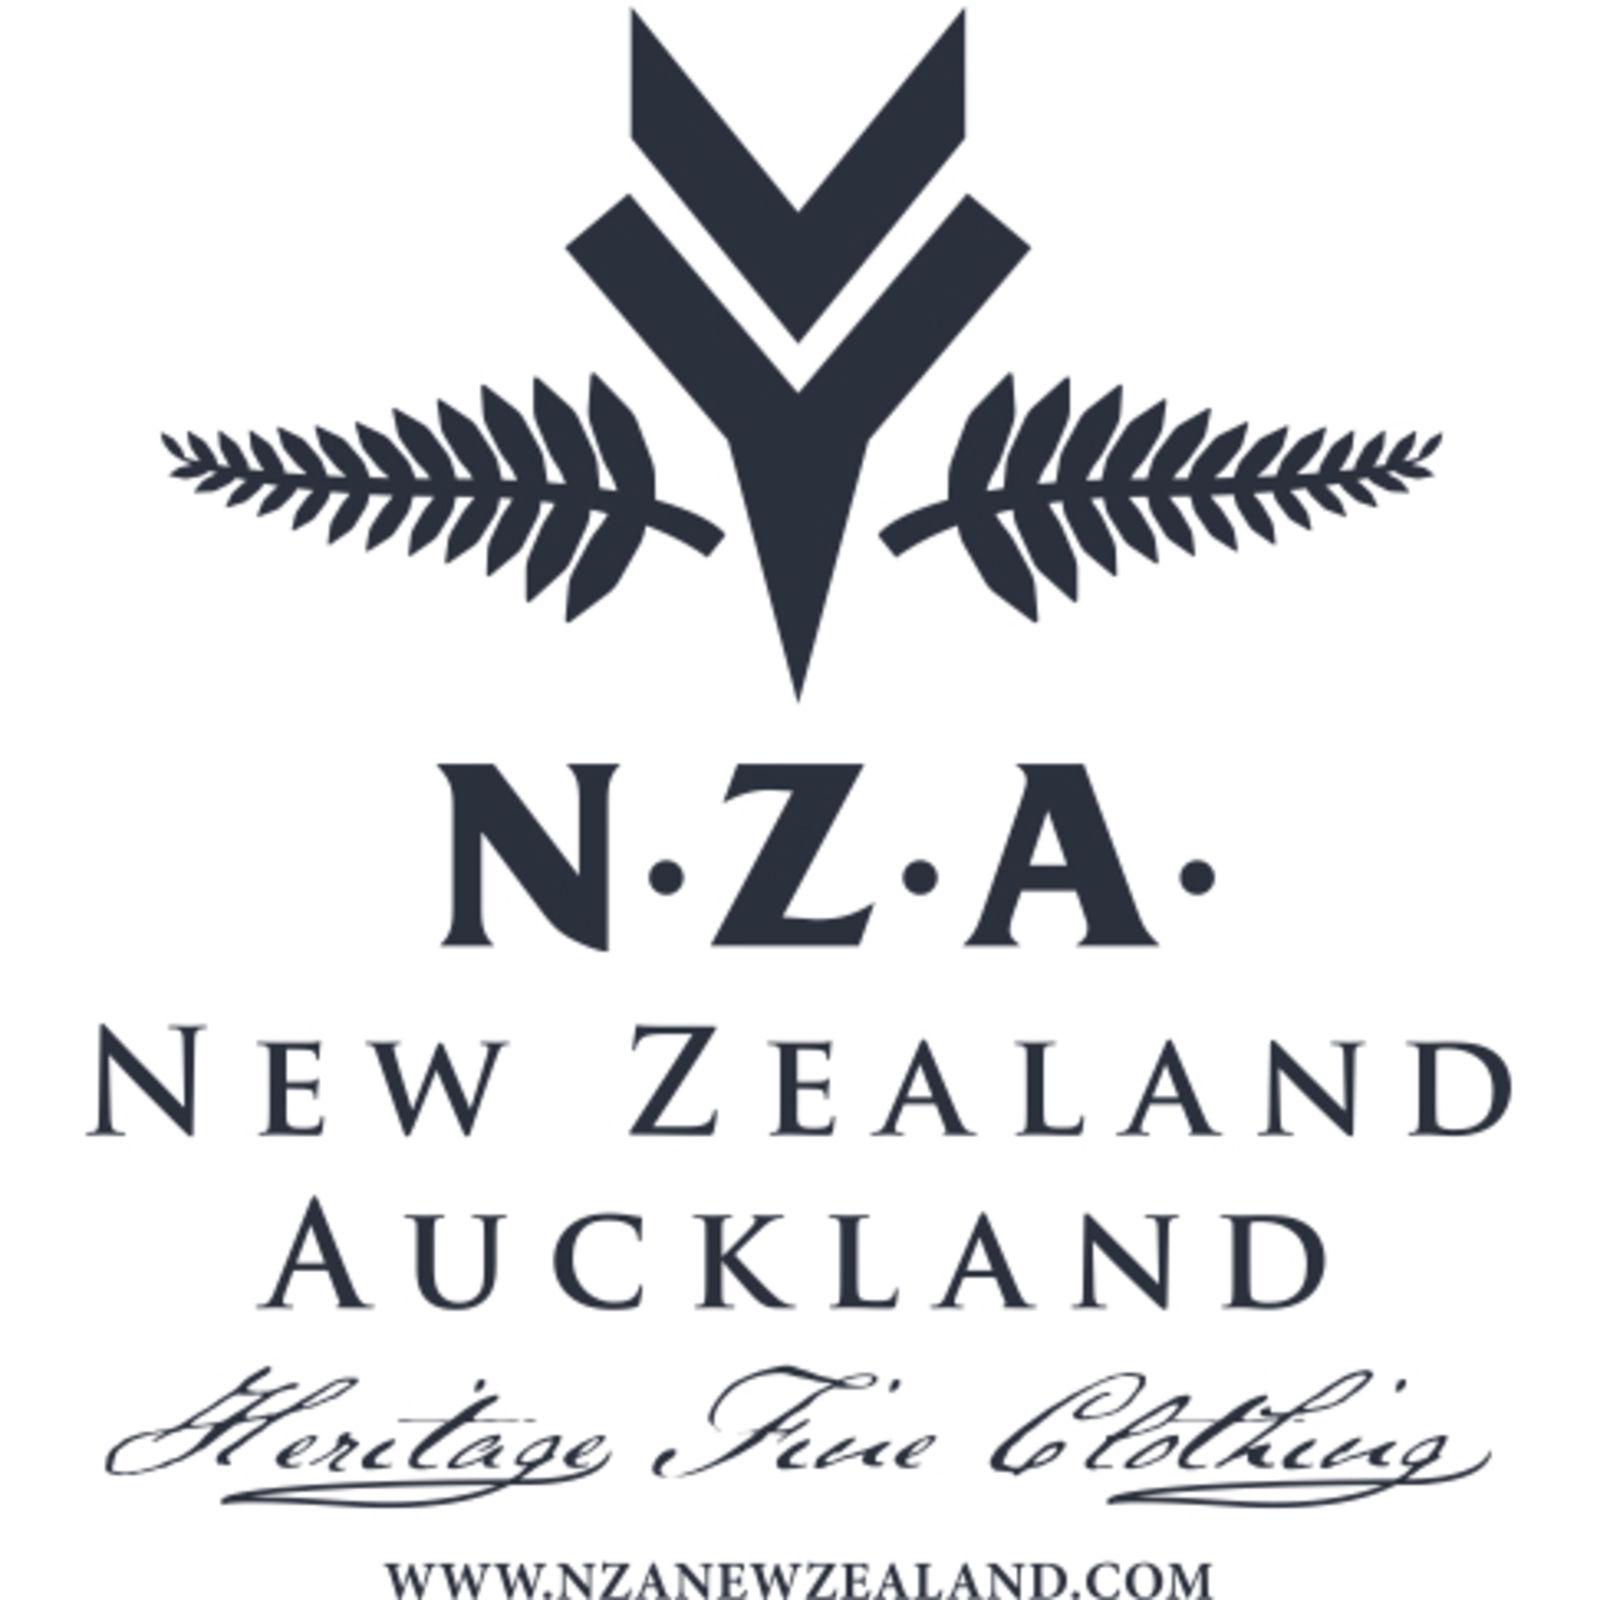 NZA NEW ZEALAND AUCKLAND (Imagen 1)